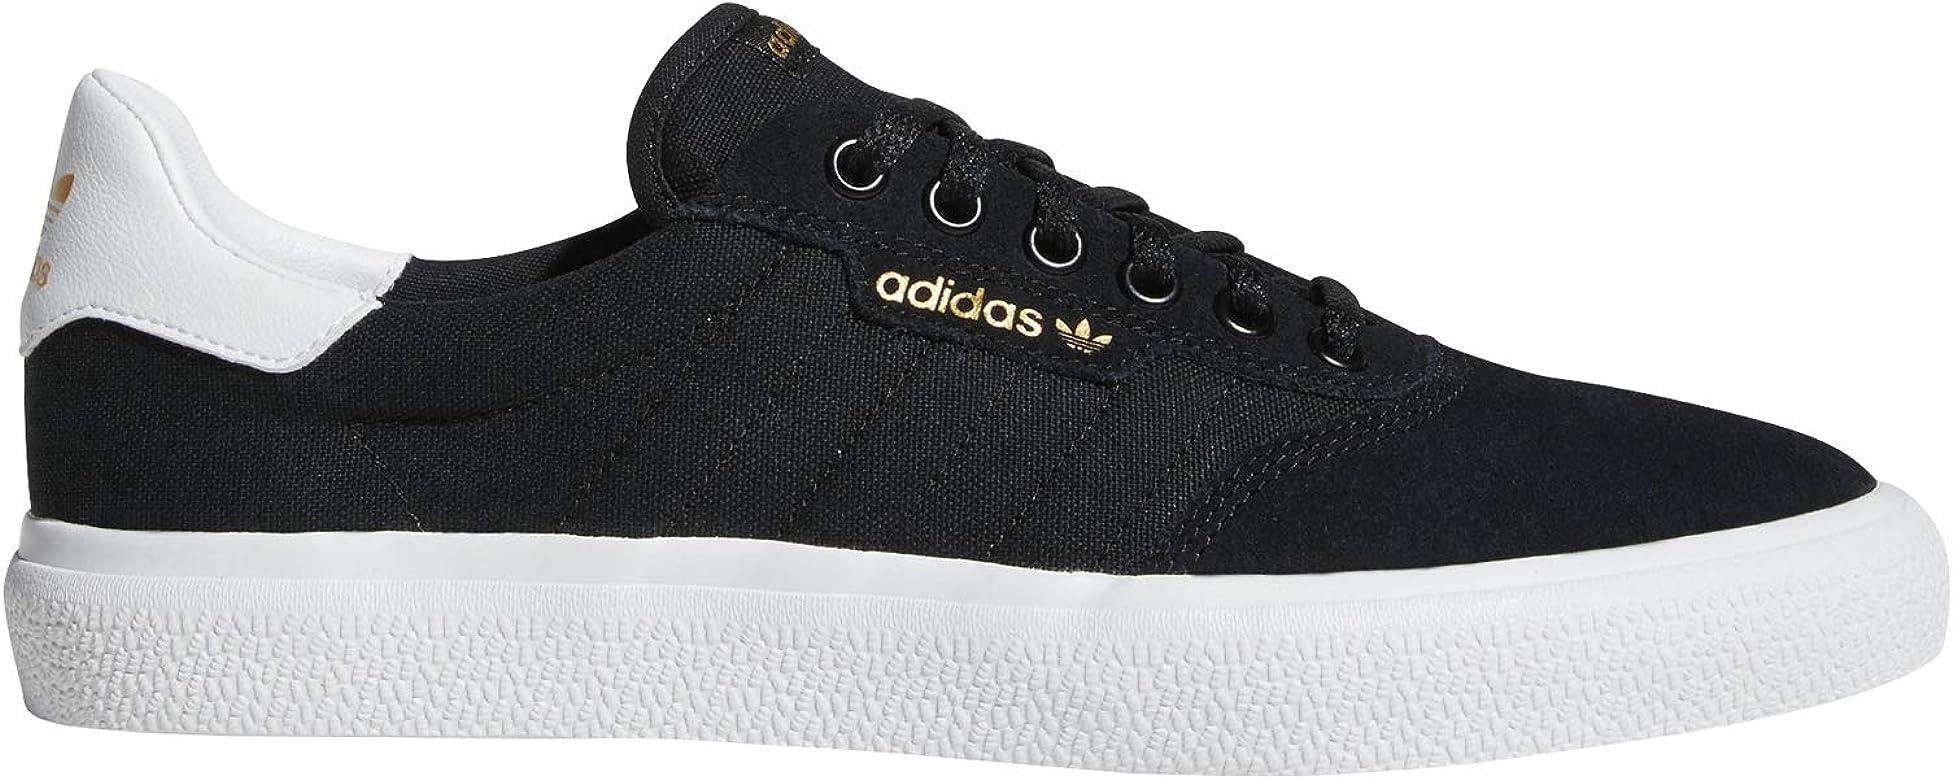 adidas adulto zapatillas